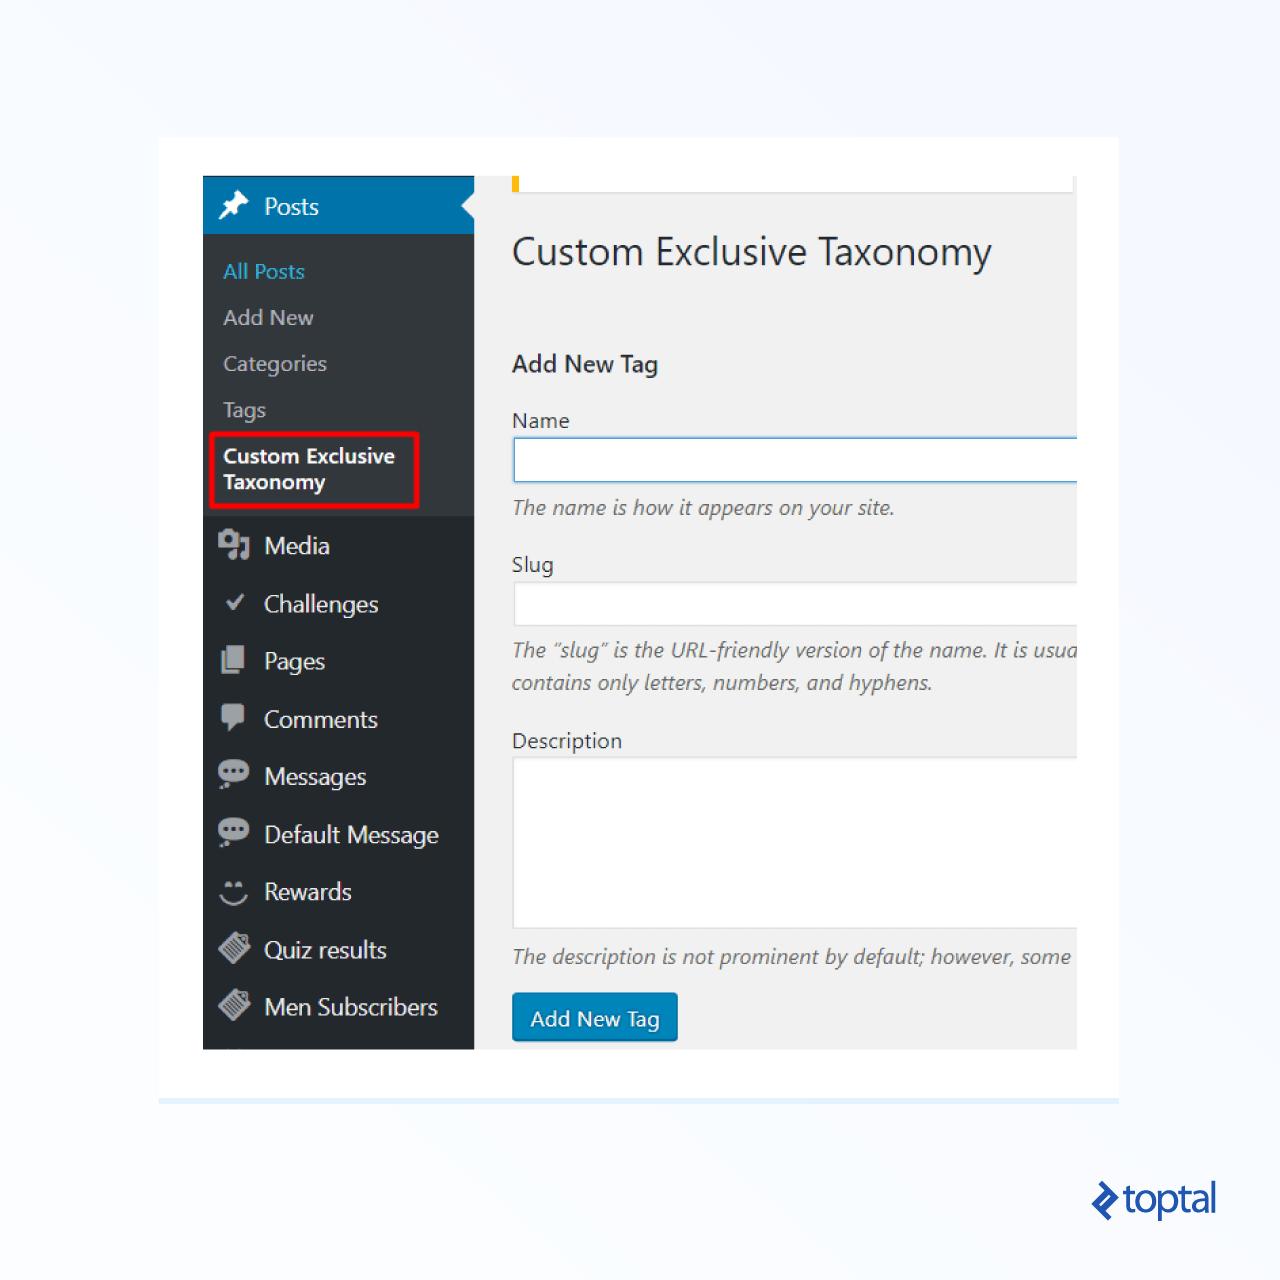 Снимок экрана: мета-бокс с именем Custom Exclusive Taxonomy с несколькими переключателями